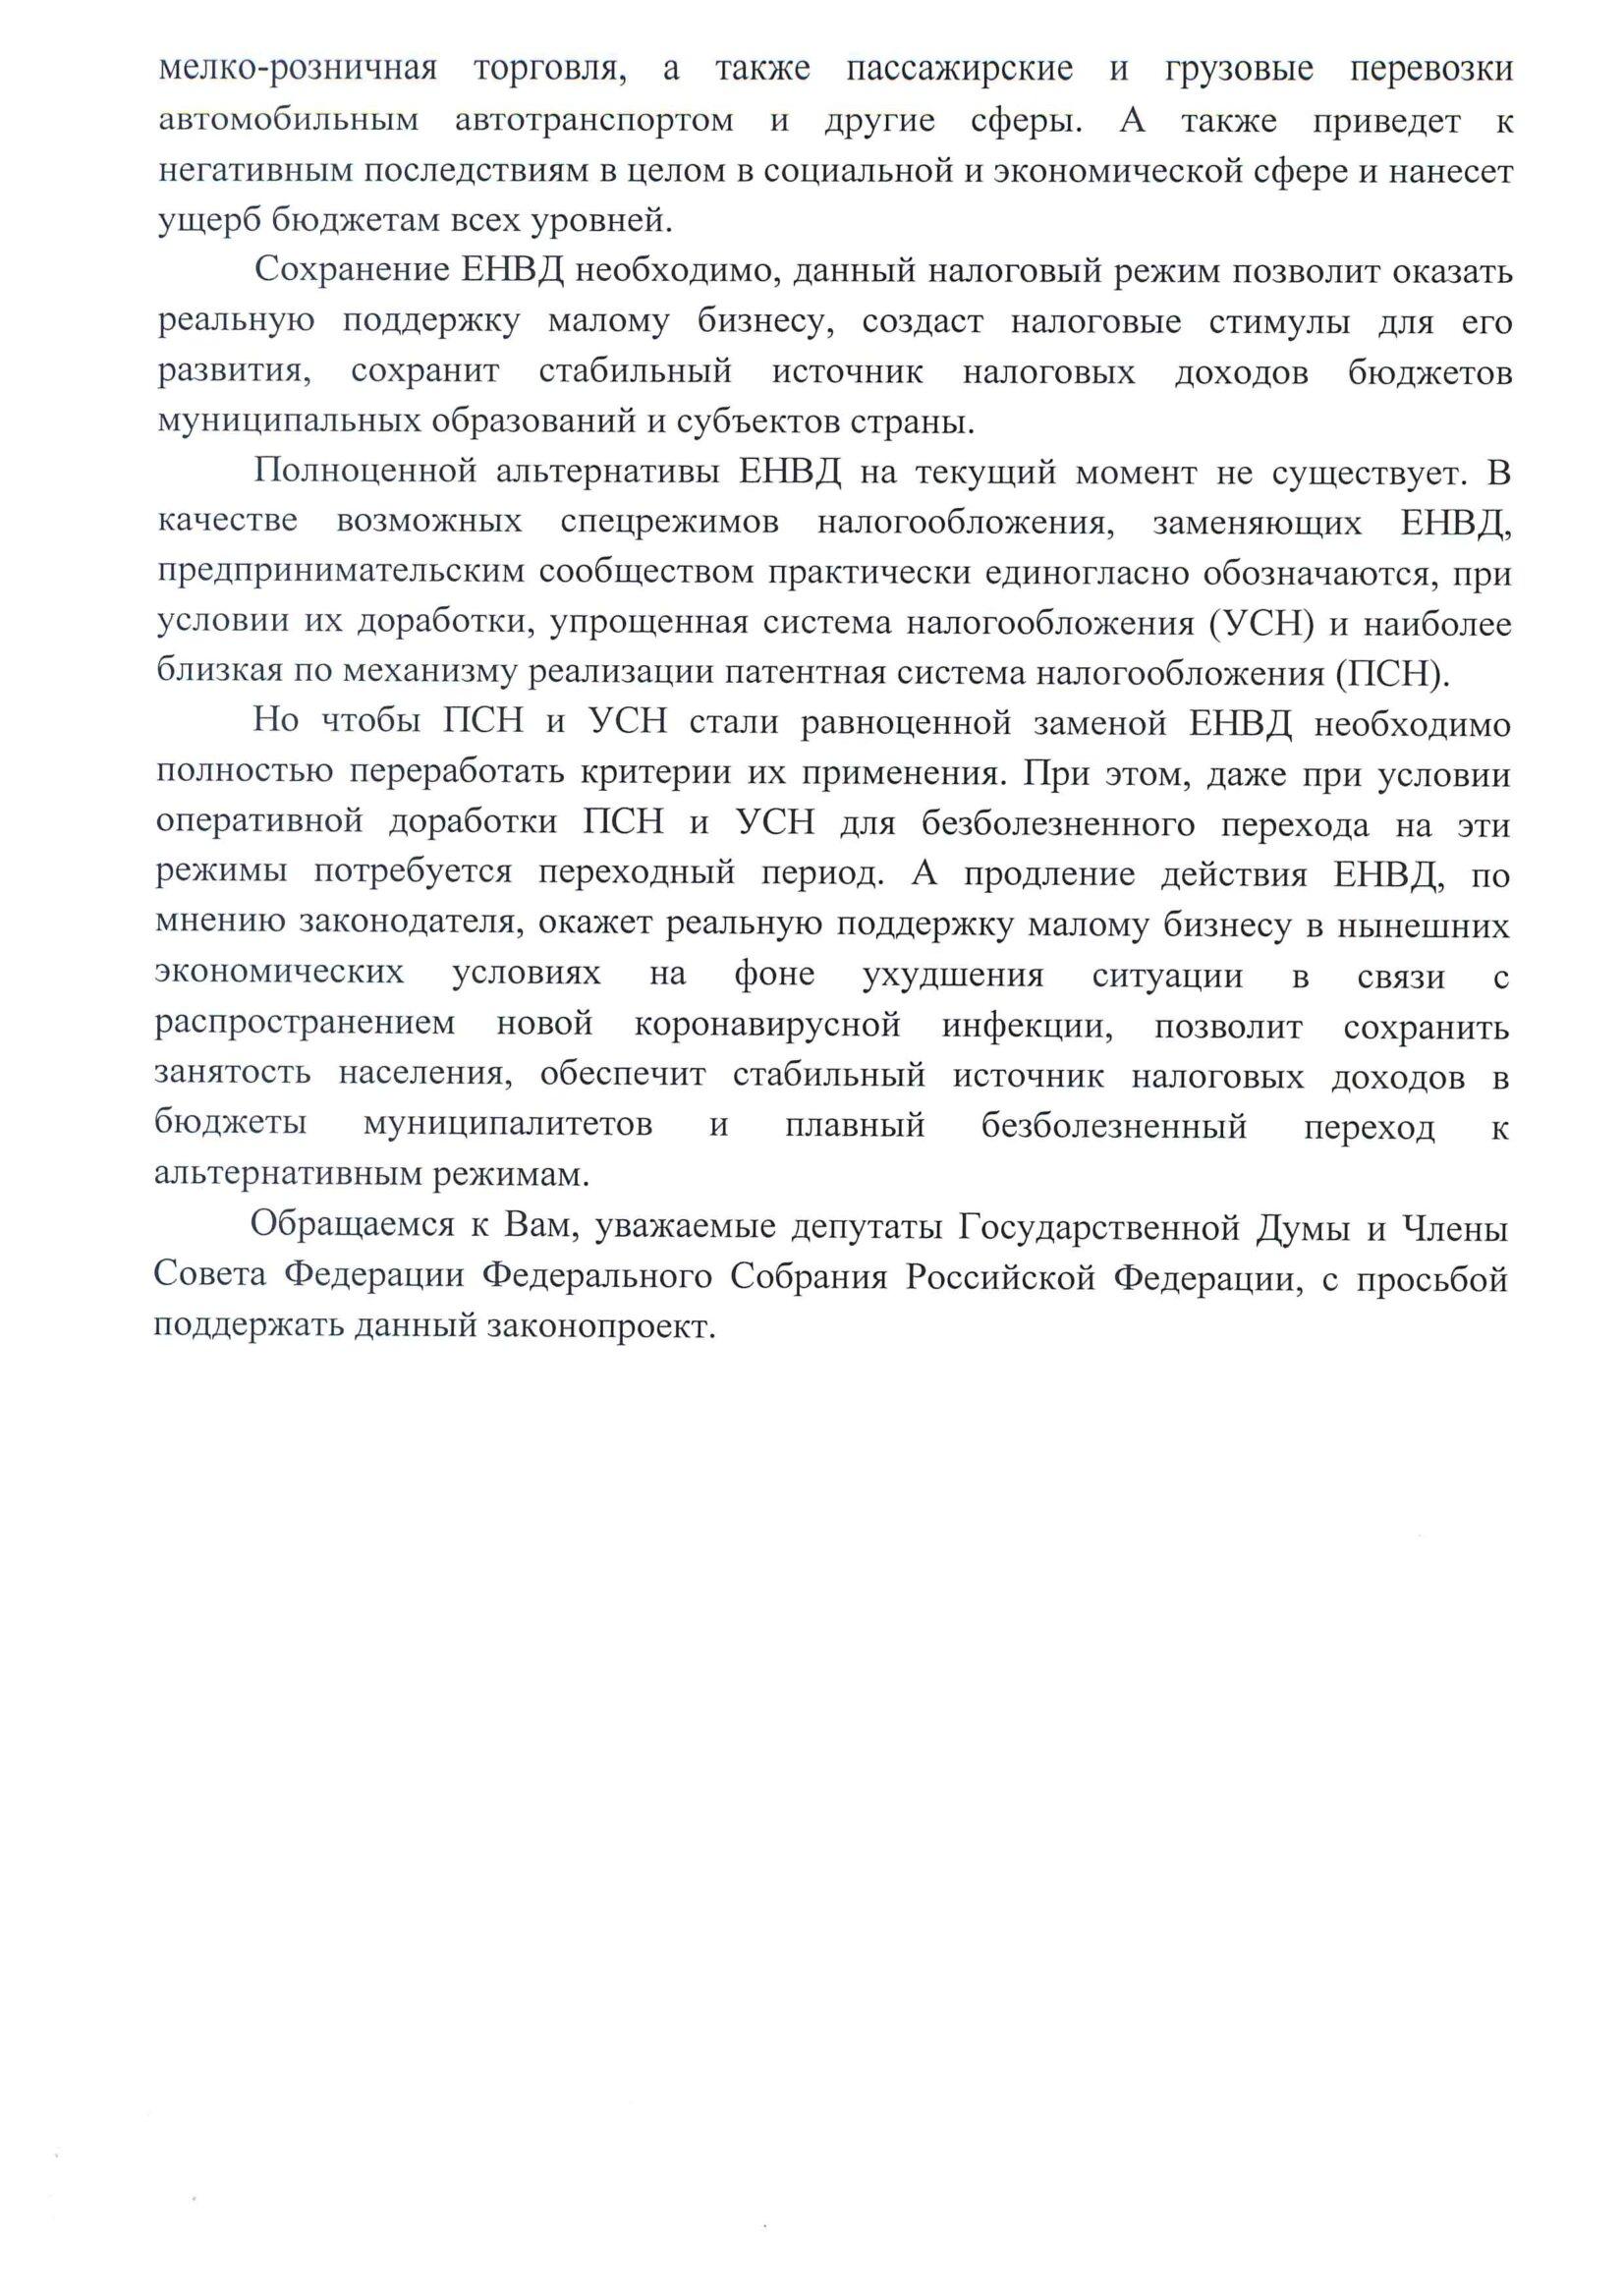 Tekst-obrascheniya-ot-reg.biznes-obed_2.jpg